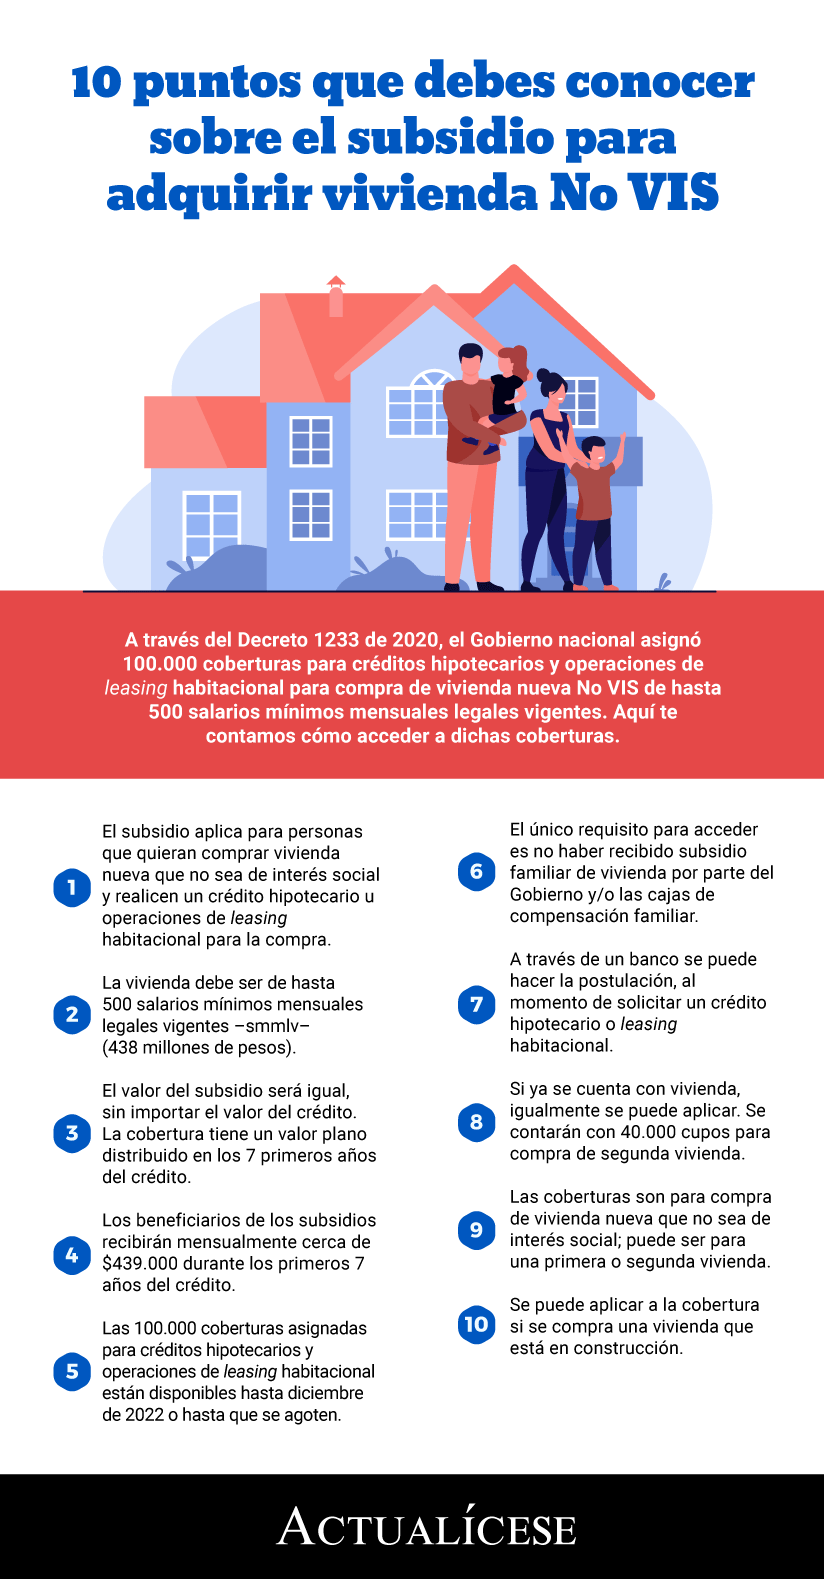 [Infografía] 10 puntos que debes conocer sobre el subsidio para adquirir vivienda No VIS